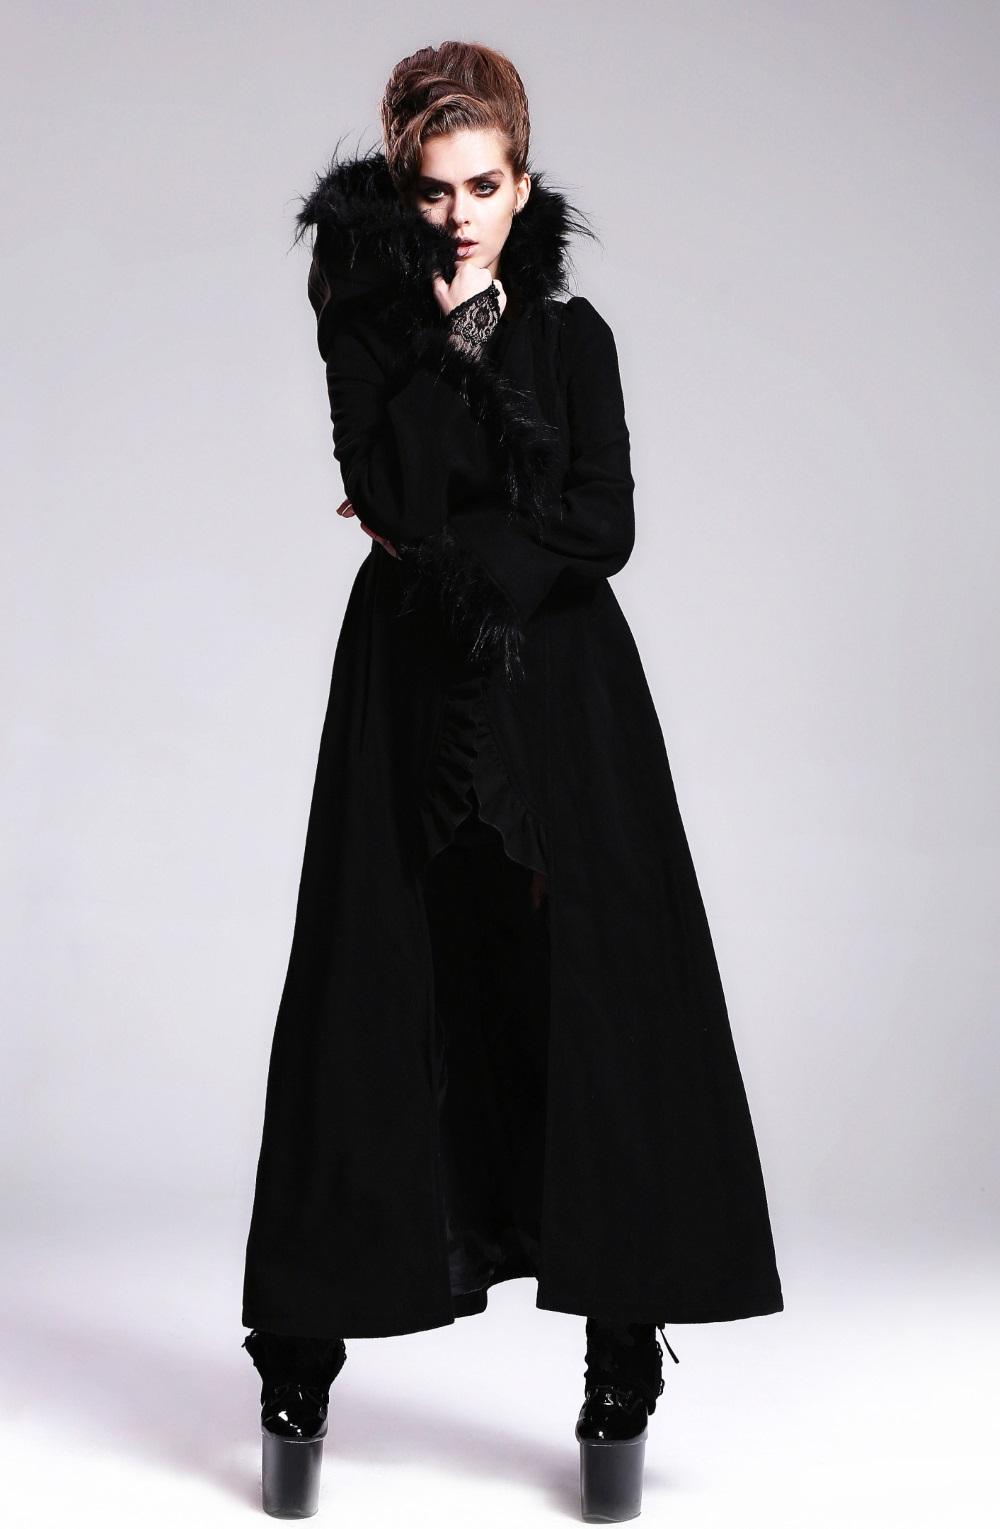 magasin en ligne e4320 836c9 Long manteau gothique femme DEVIL FASHION